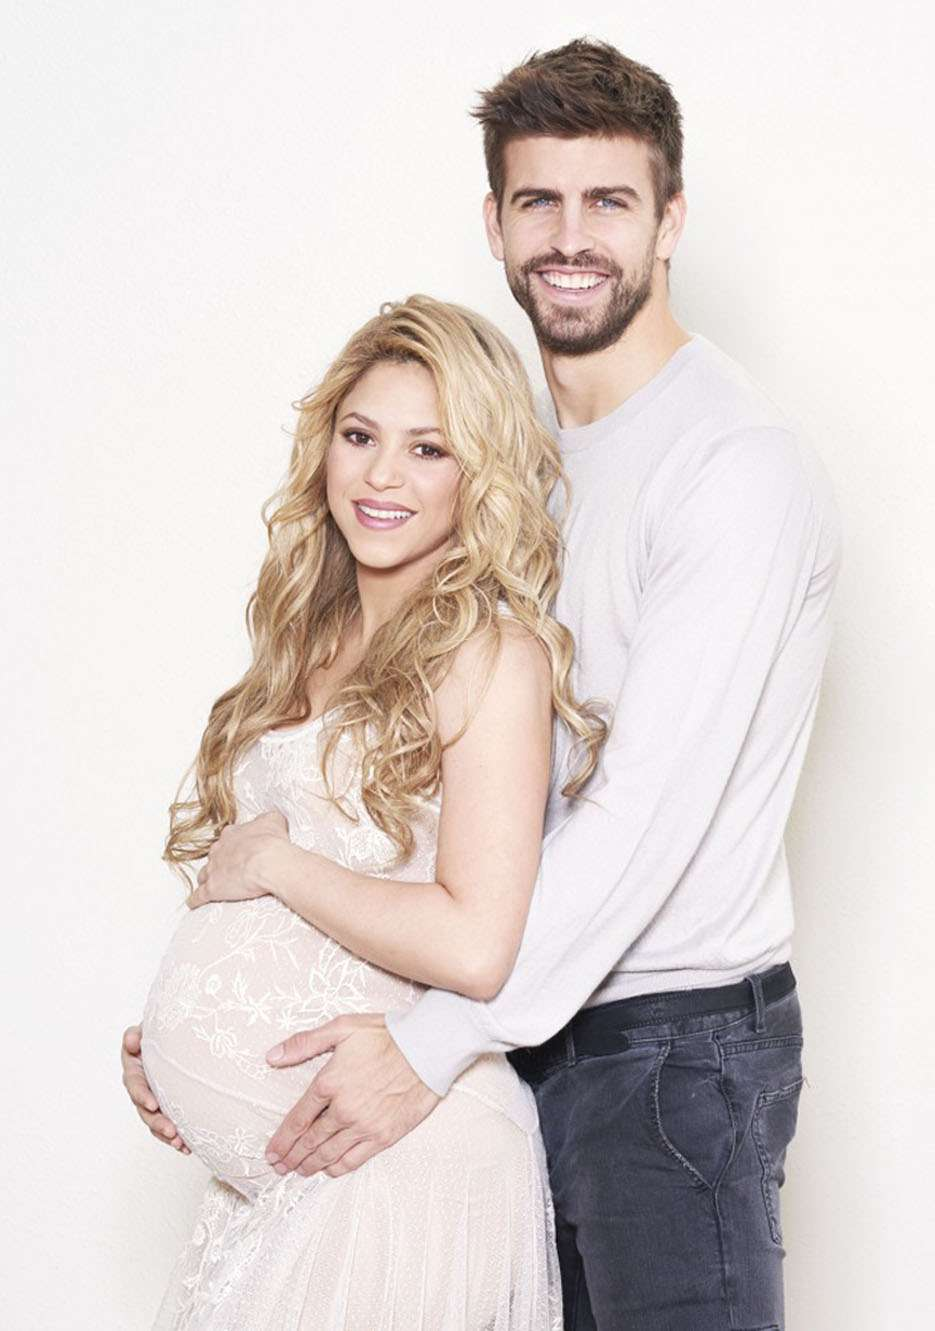 Shakira e Piqué aparecem juntos em ensaio Foto: The Grosby Group